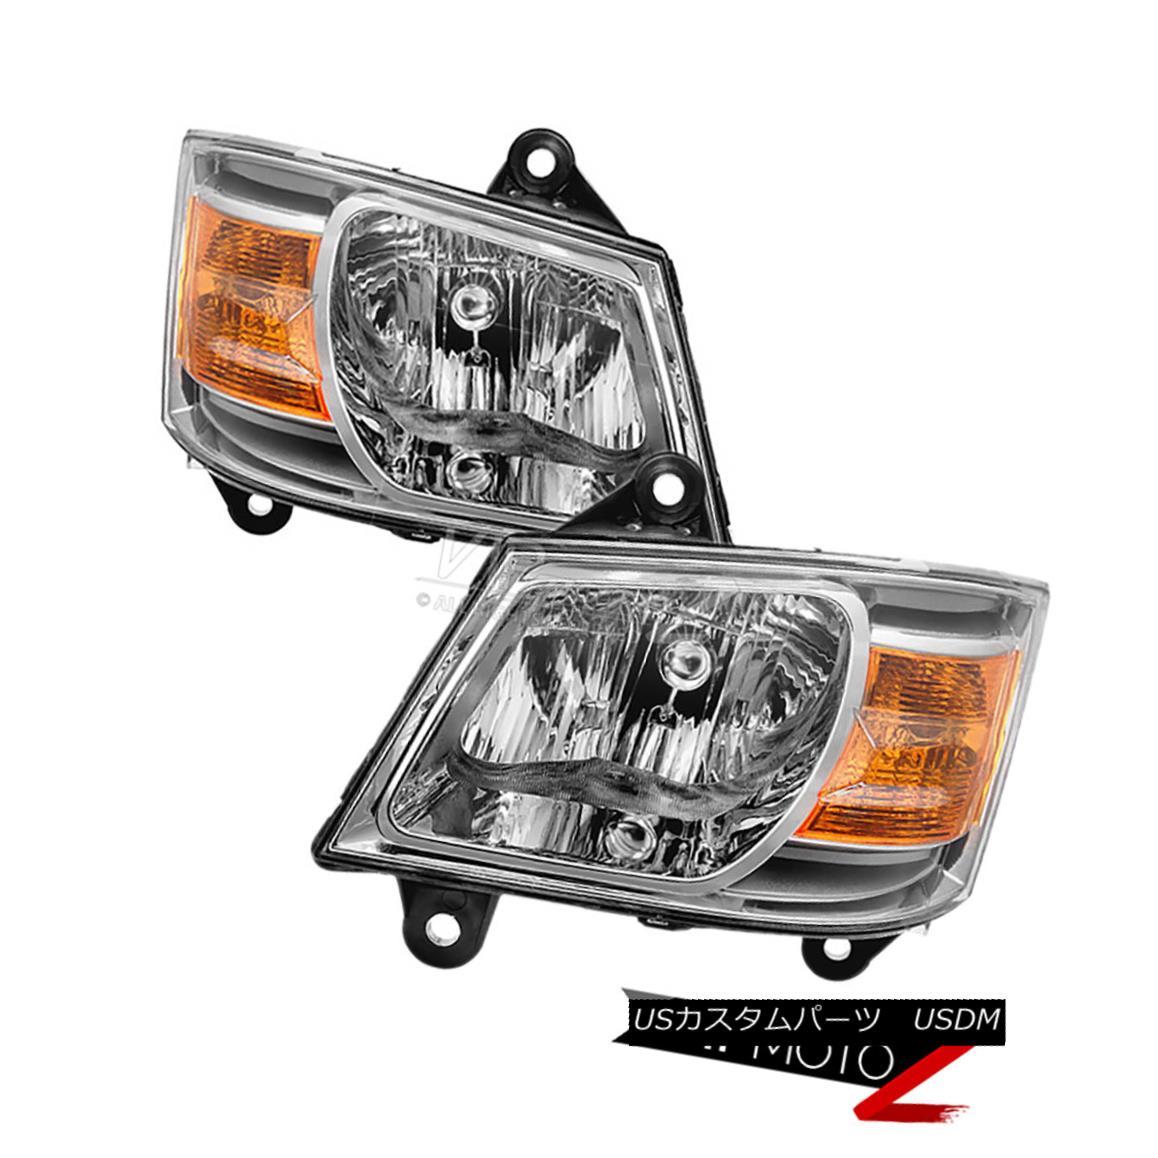 ヘッドライト 2008 2009 2010 Dodge Caravan OE Style Headlights Headlamps Assembly Left Right 2008年2009年2010 Dodge Caravan OEスタイルヘッドライトヘッドランプアセンブリ右